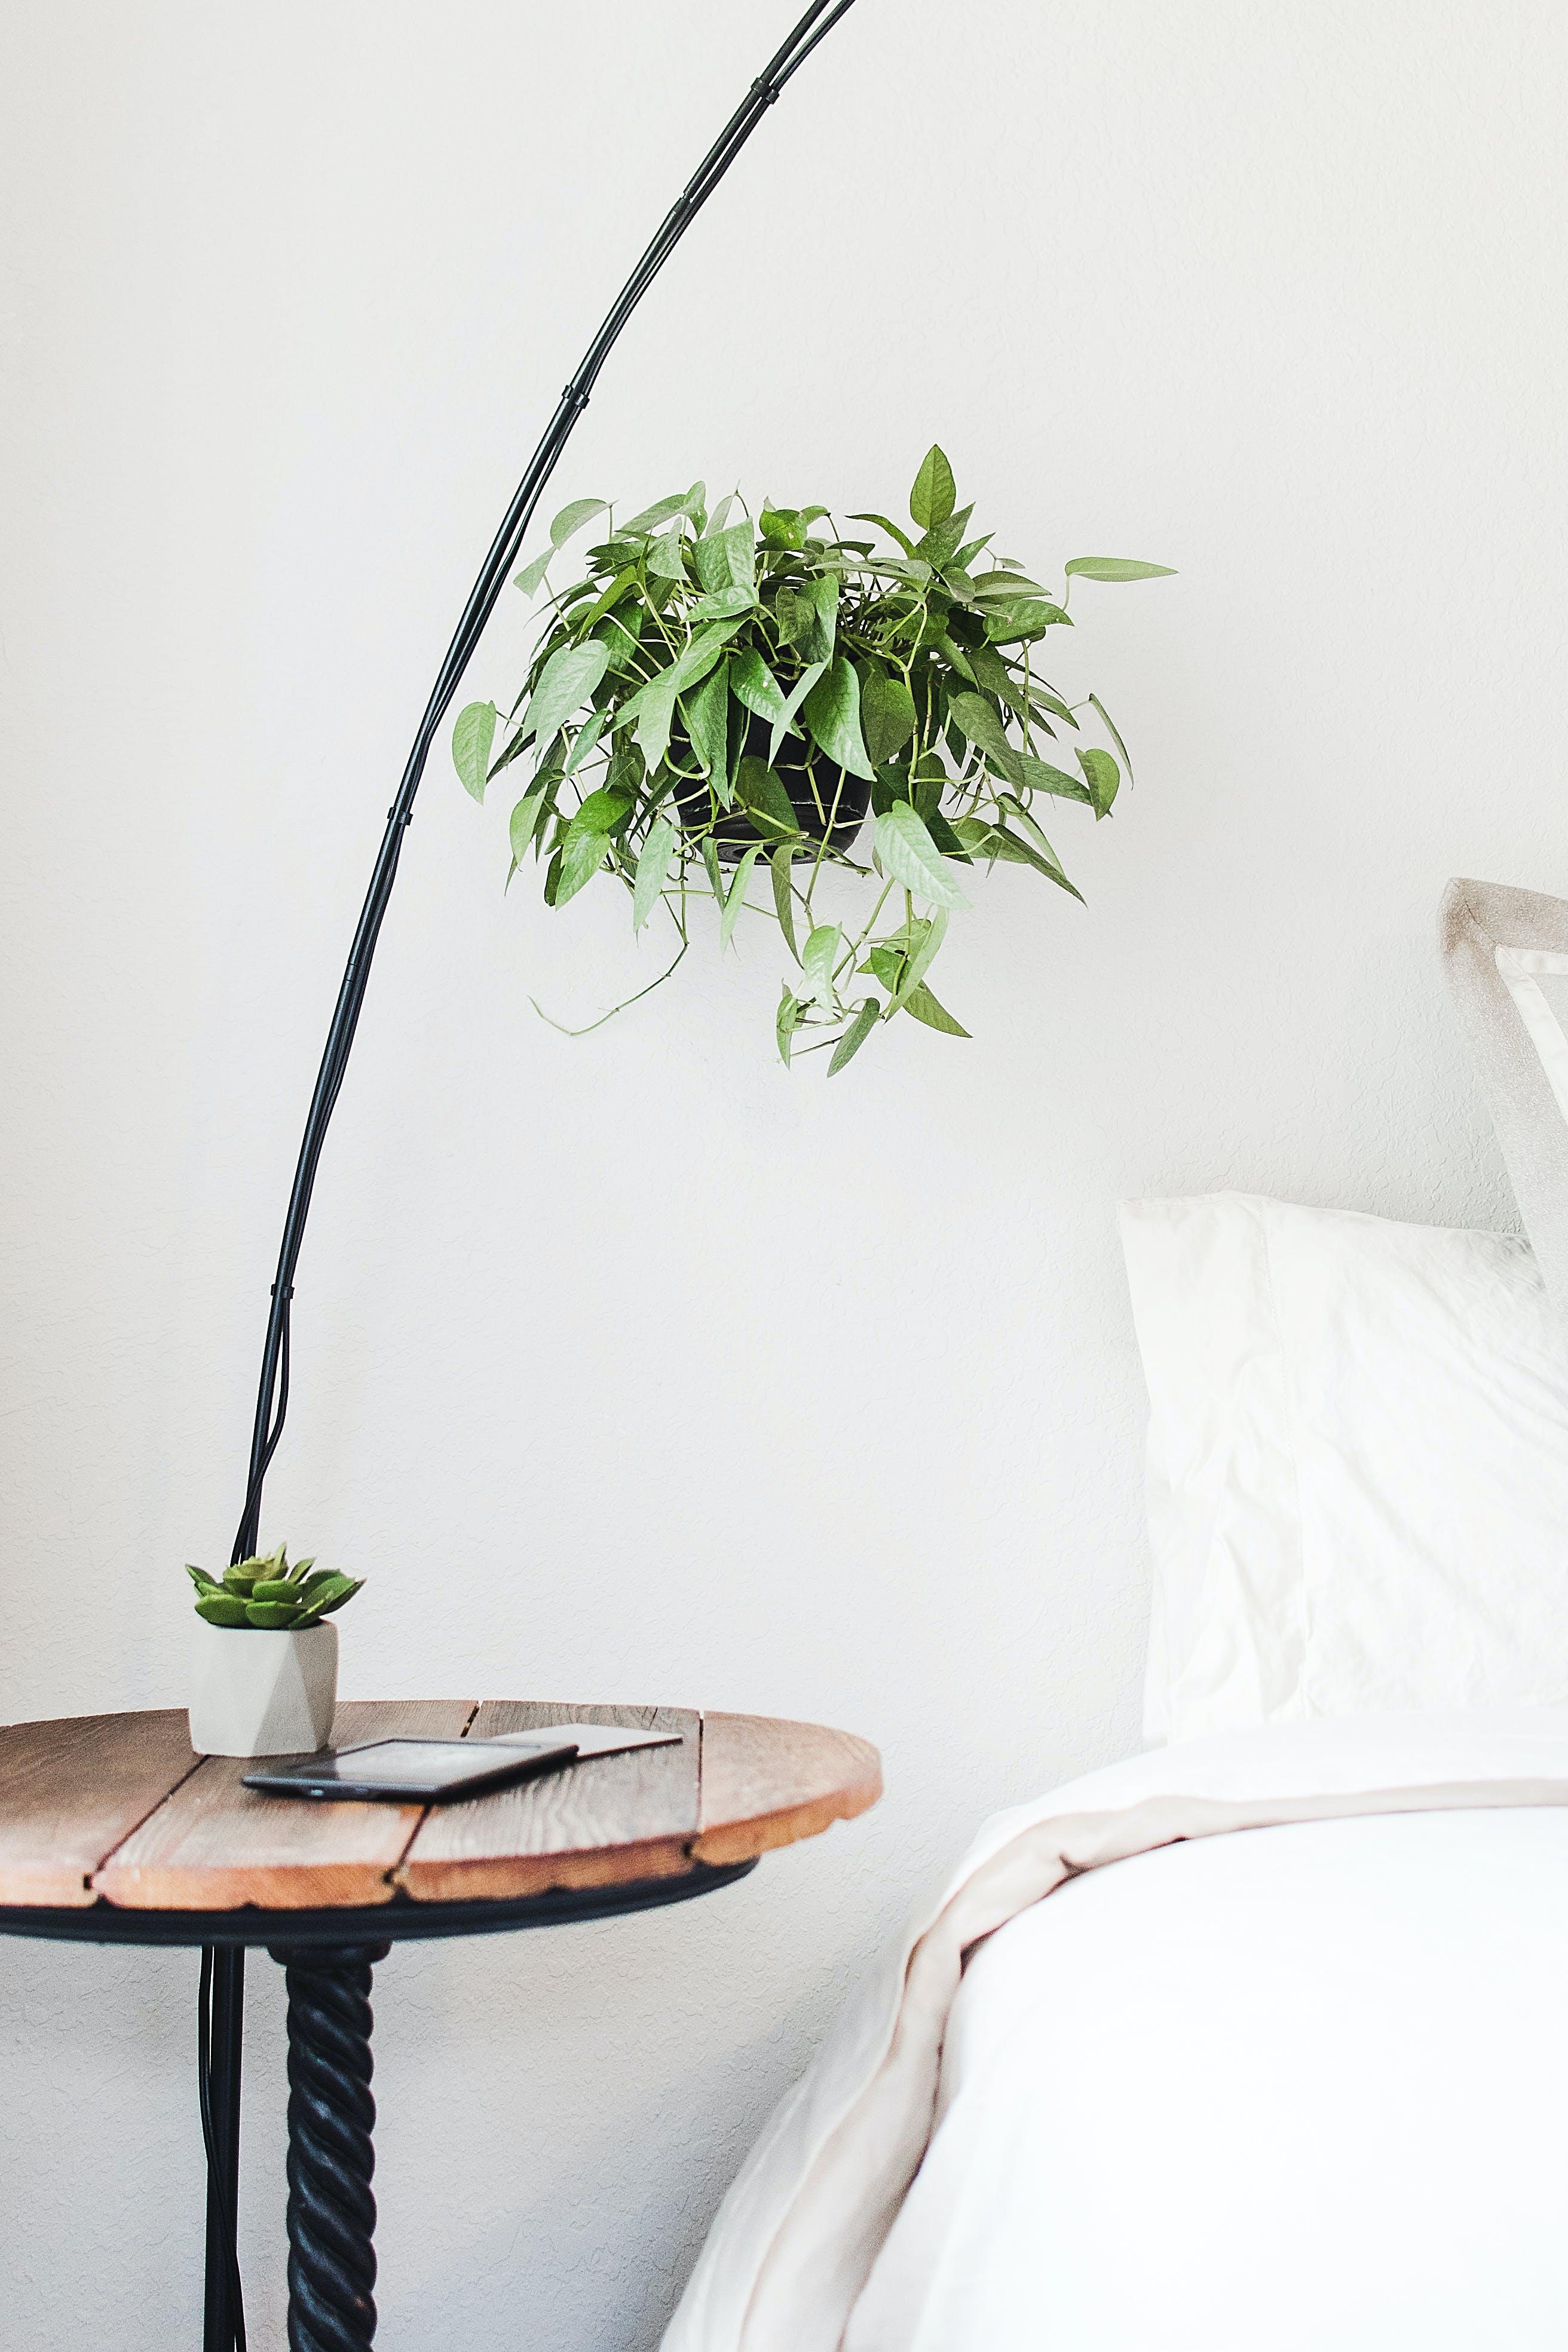 Free stock photo of aesthetics, decor, home interior, indoor plants